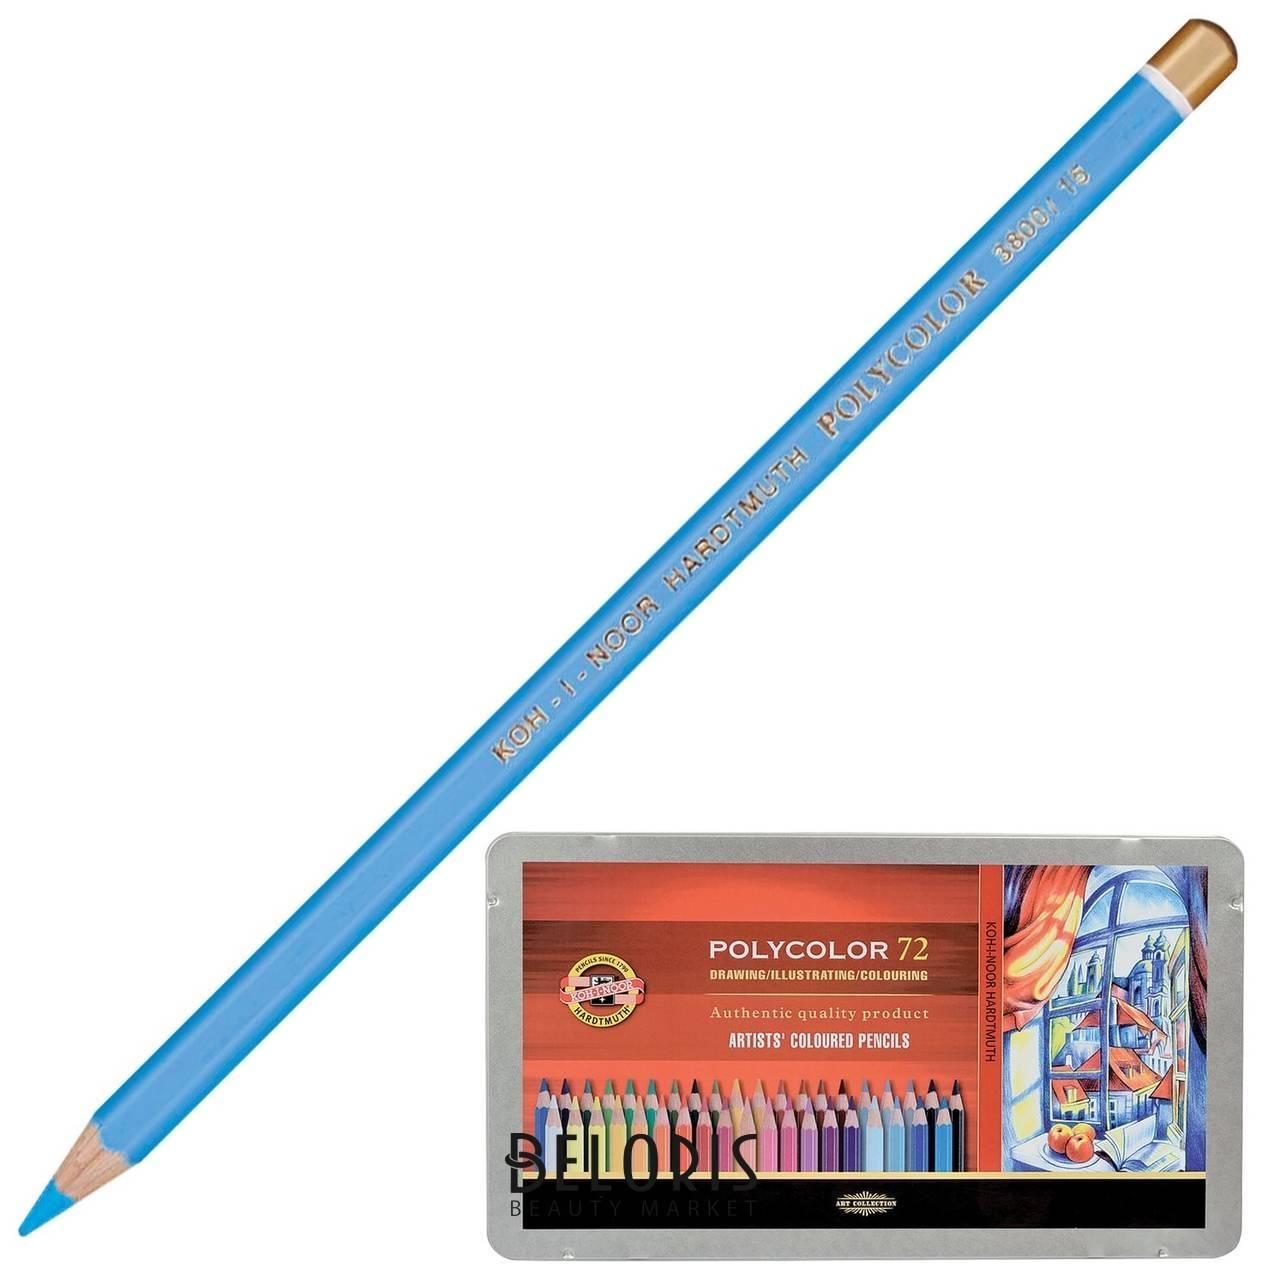 Карандаши цветные художественные Koh-i-noor Polycolor, 72 цвета, 3,8 мм, металлическая коробка Koh-i-noor